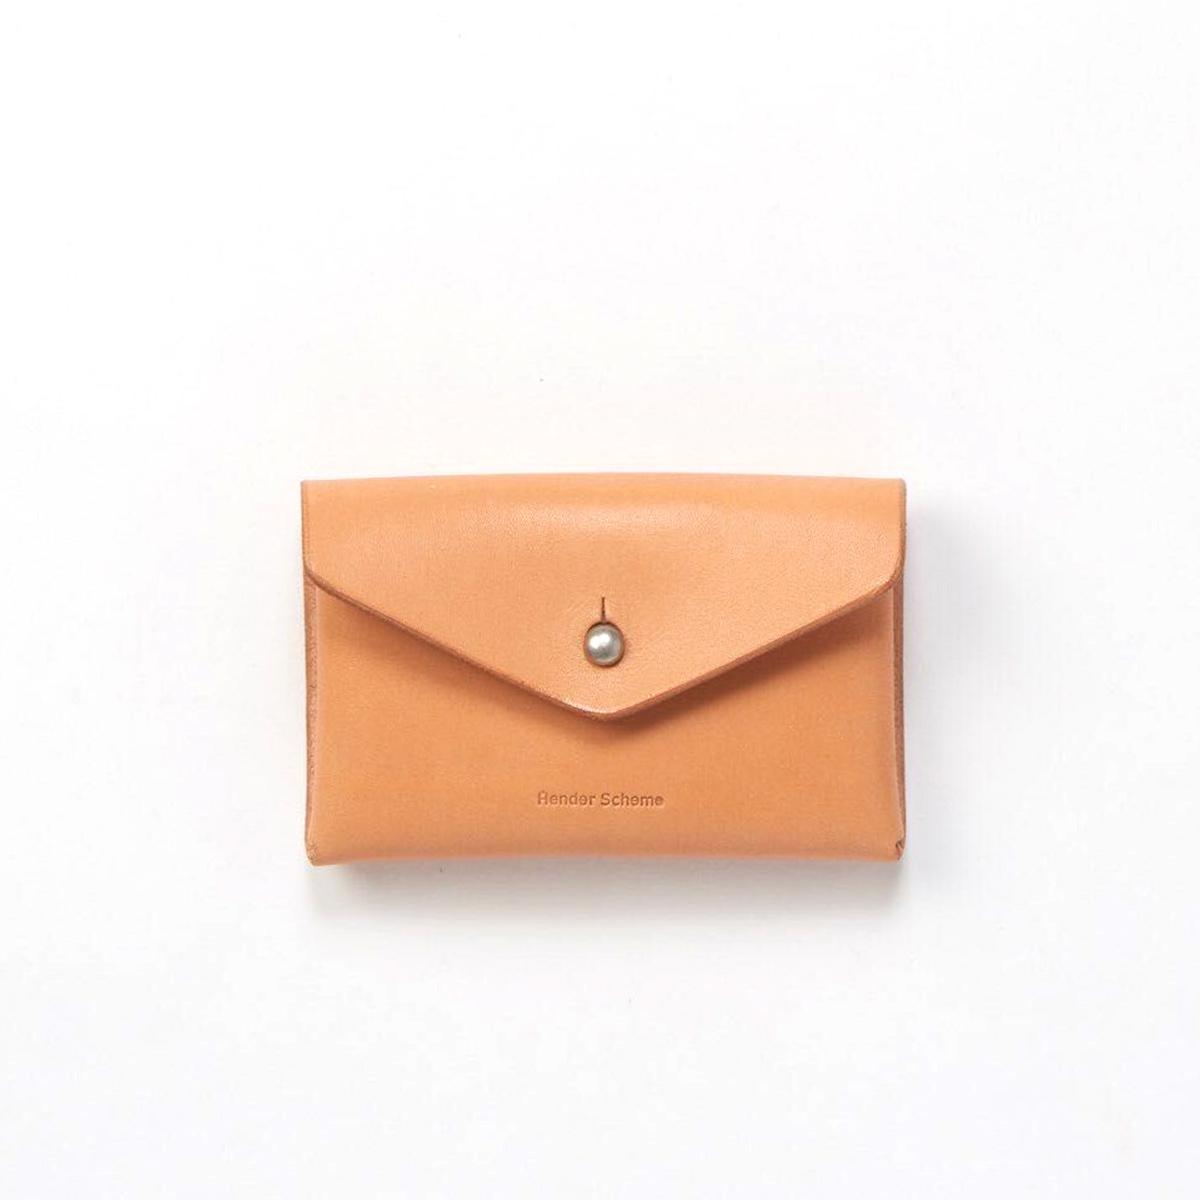 Hender Scheme / one piece card case -Natural